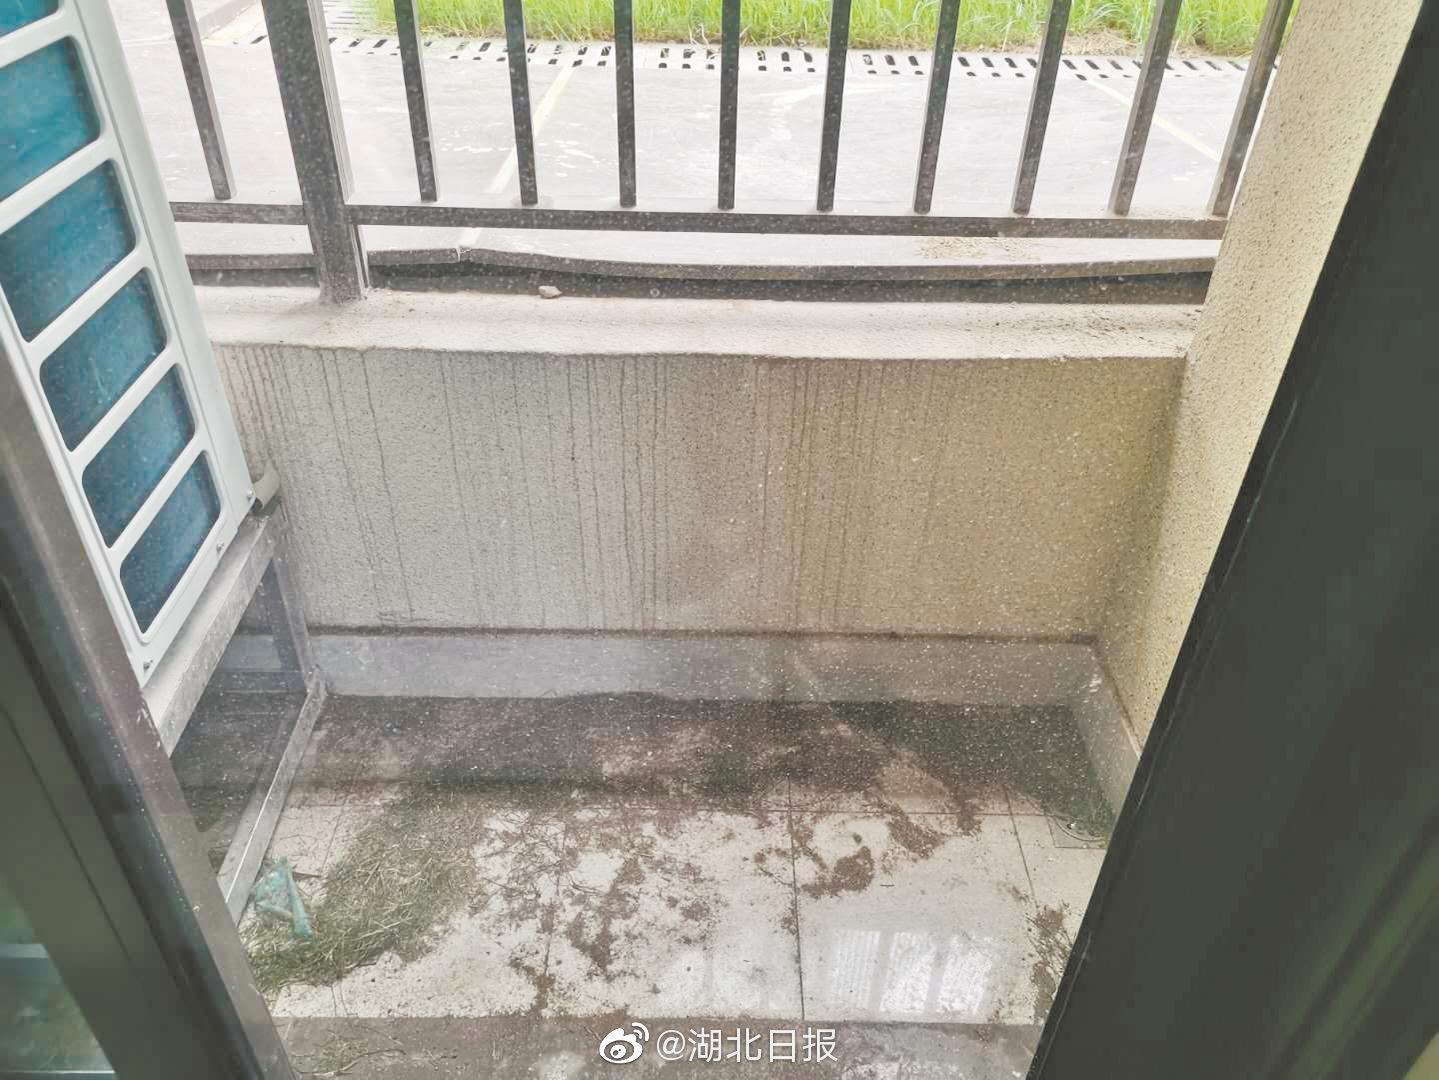 交房后发现阳台比小区路面低一截 业主吐槽花400万买套地下室